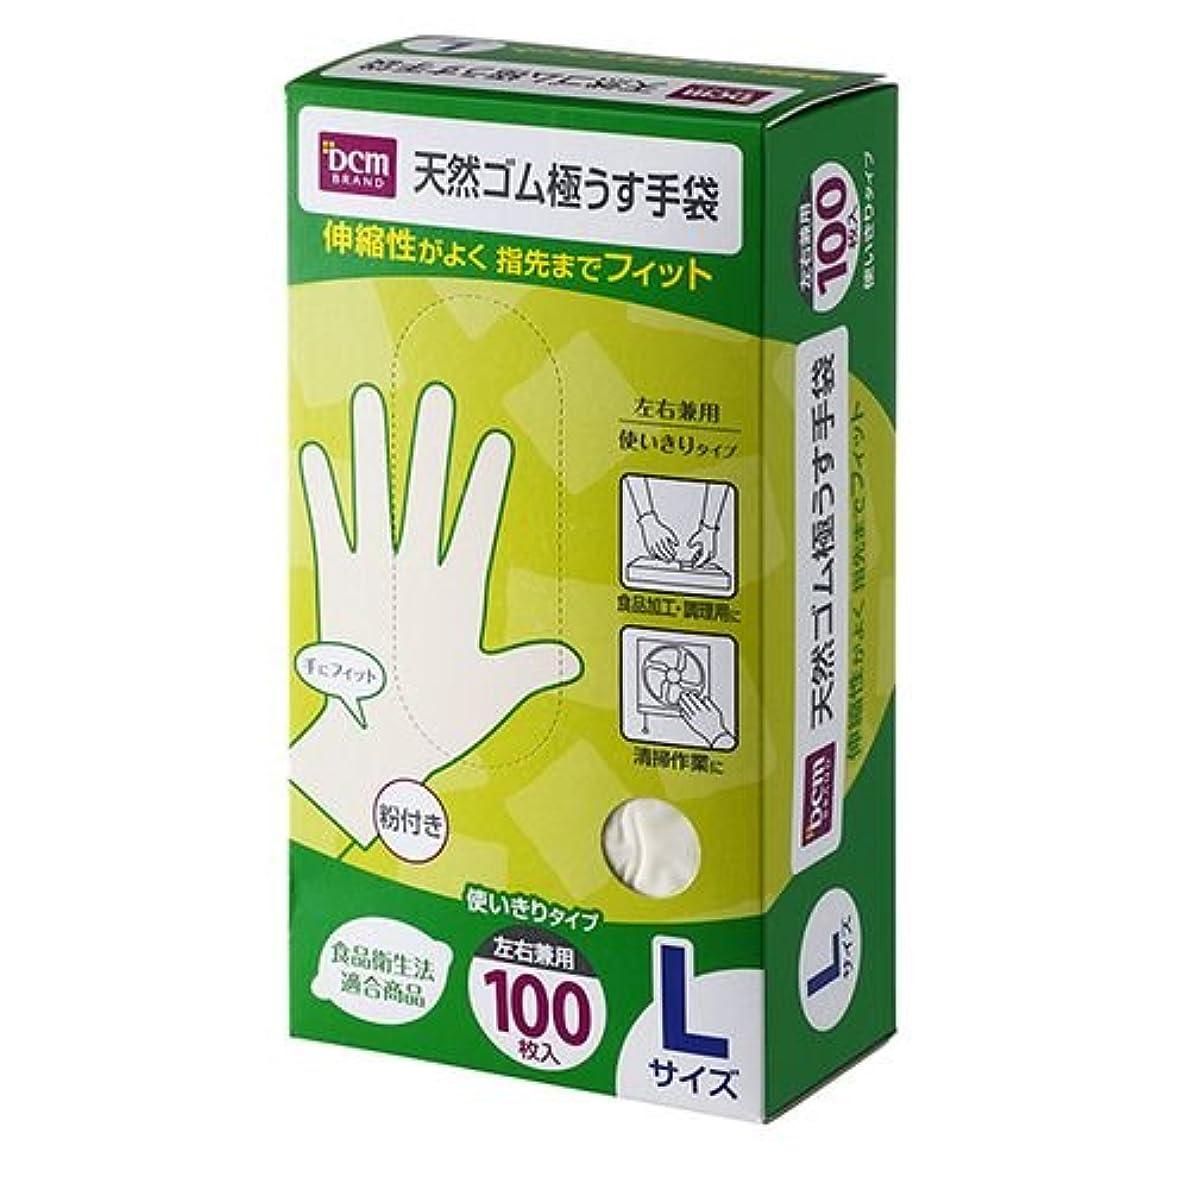 素敵な排除する風変わりな天然ゴム 極うす 手袋 HI06T81 L 100枚入 L